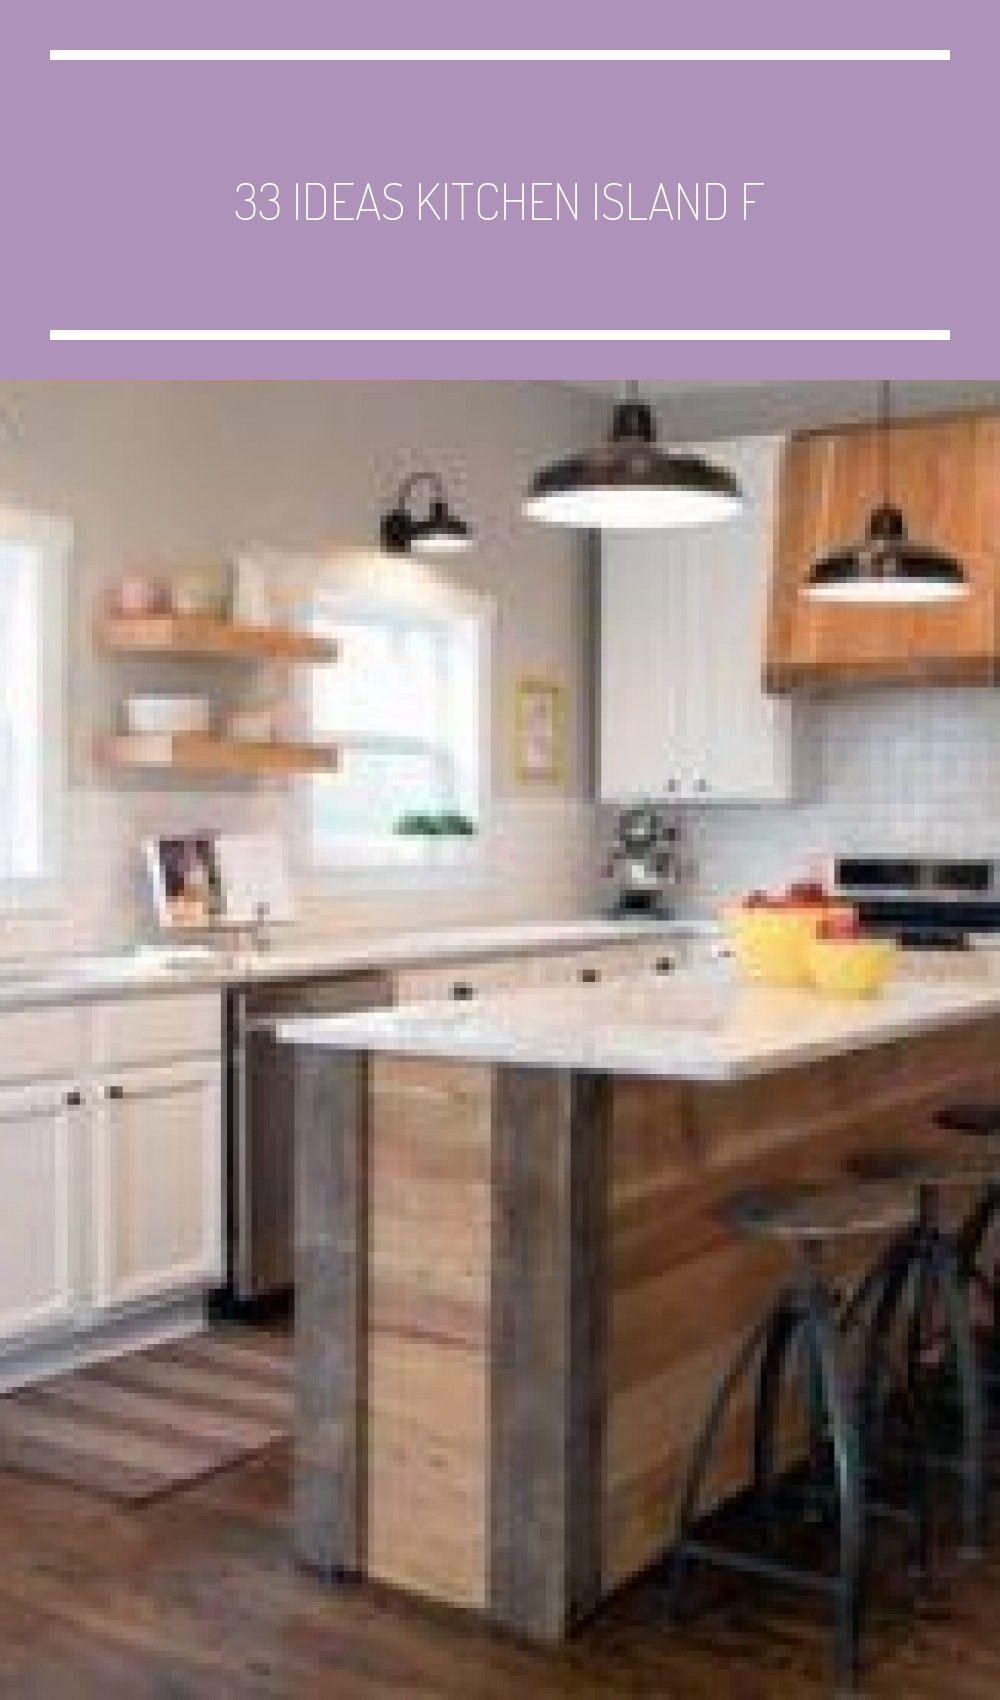 33 ideas kitchen island farmhouse sink chip and joanna gaines farmhouse sink bathroom joanna on kitchen layout ideas with island joanna gaines id=27418